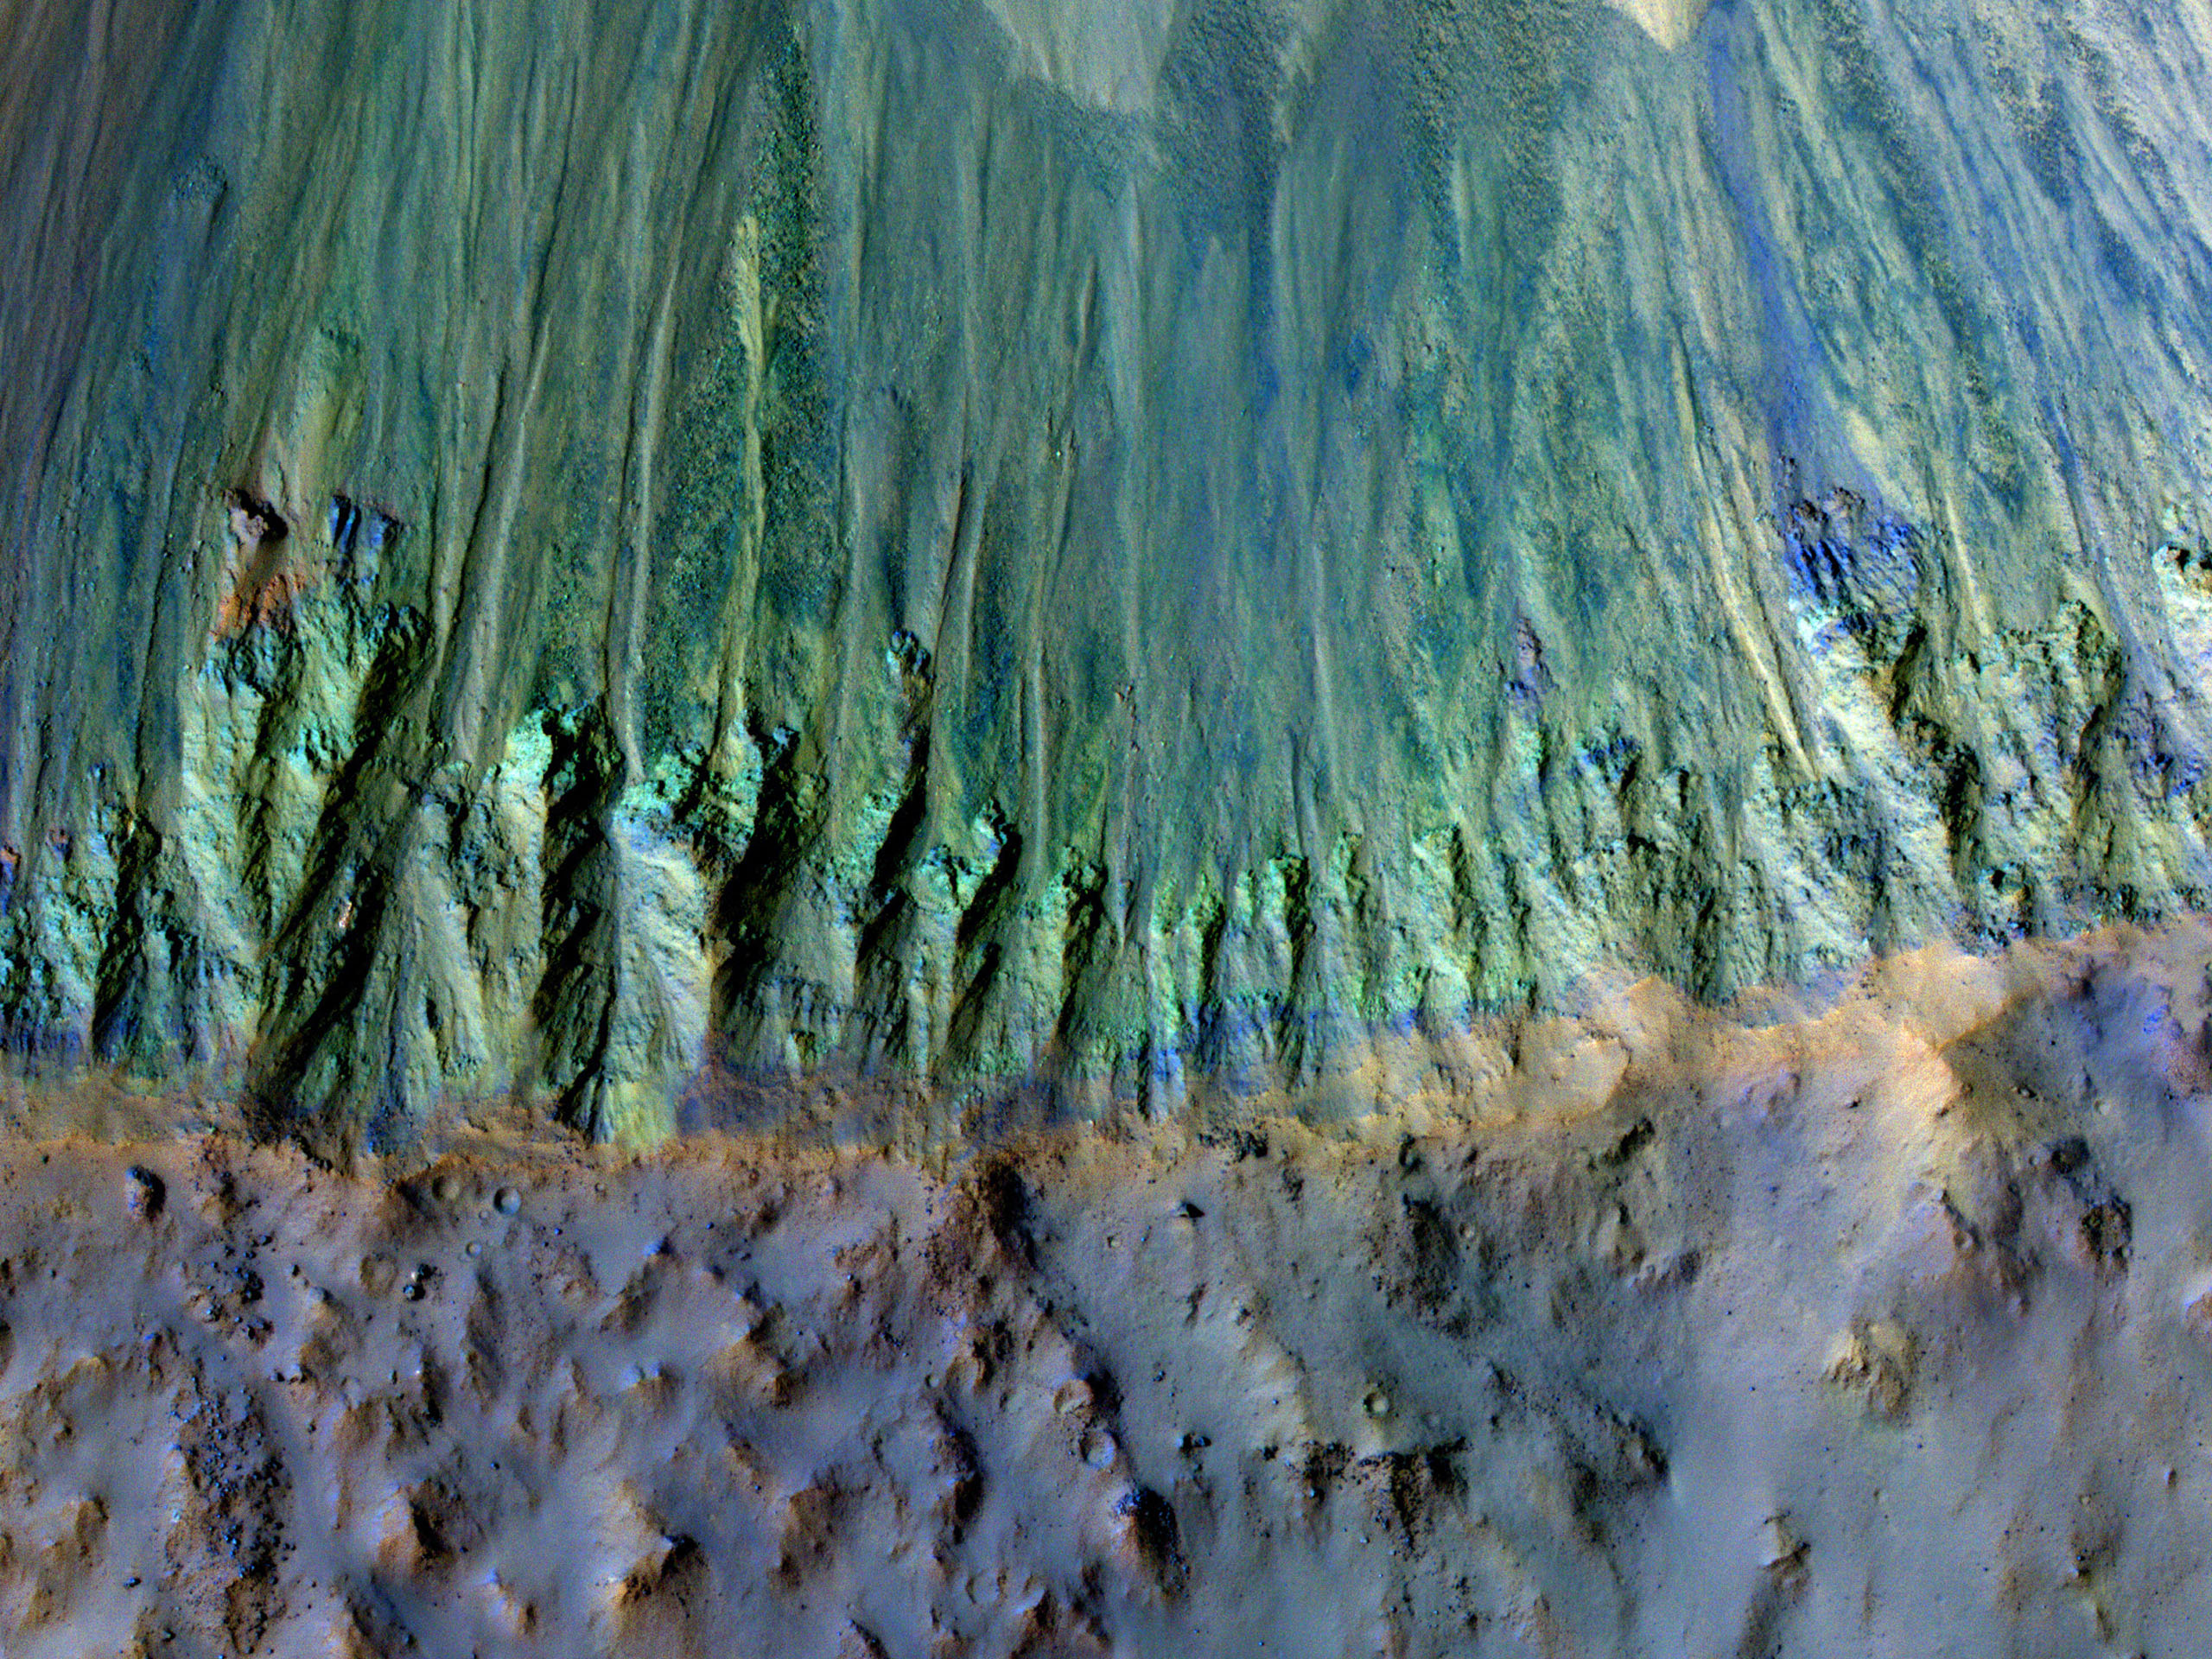 Differenti esposizioni in un cratere da impatto